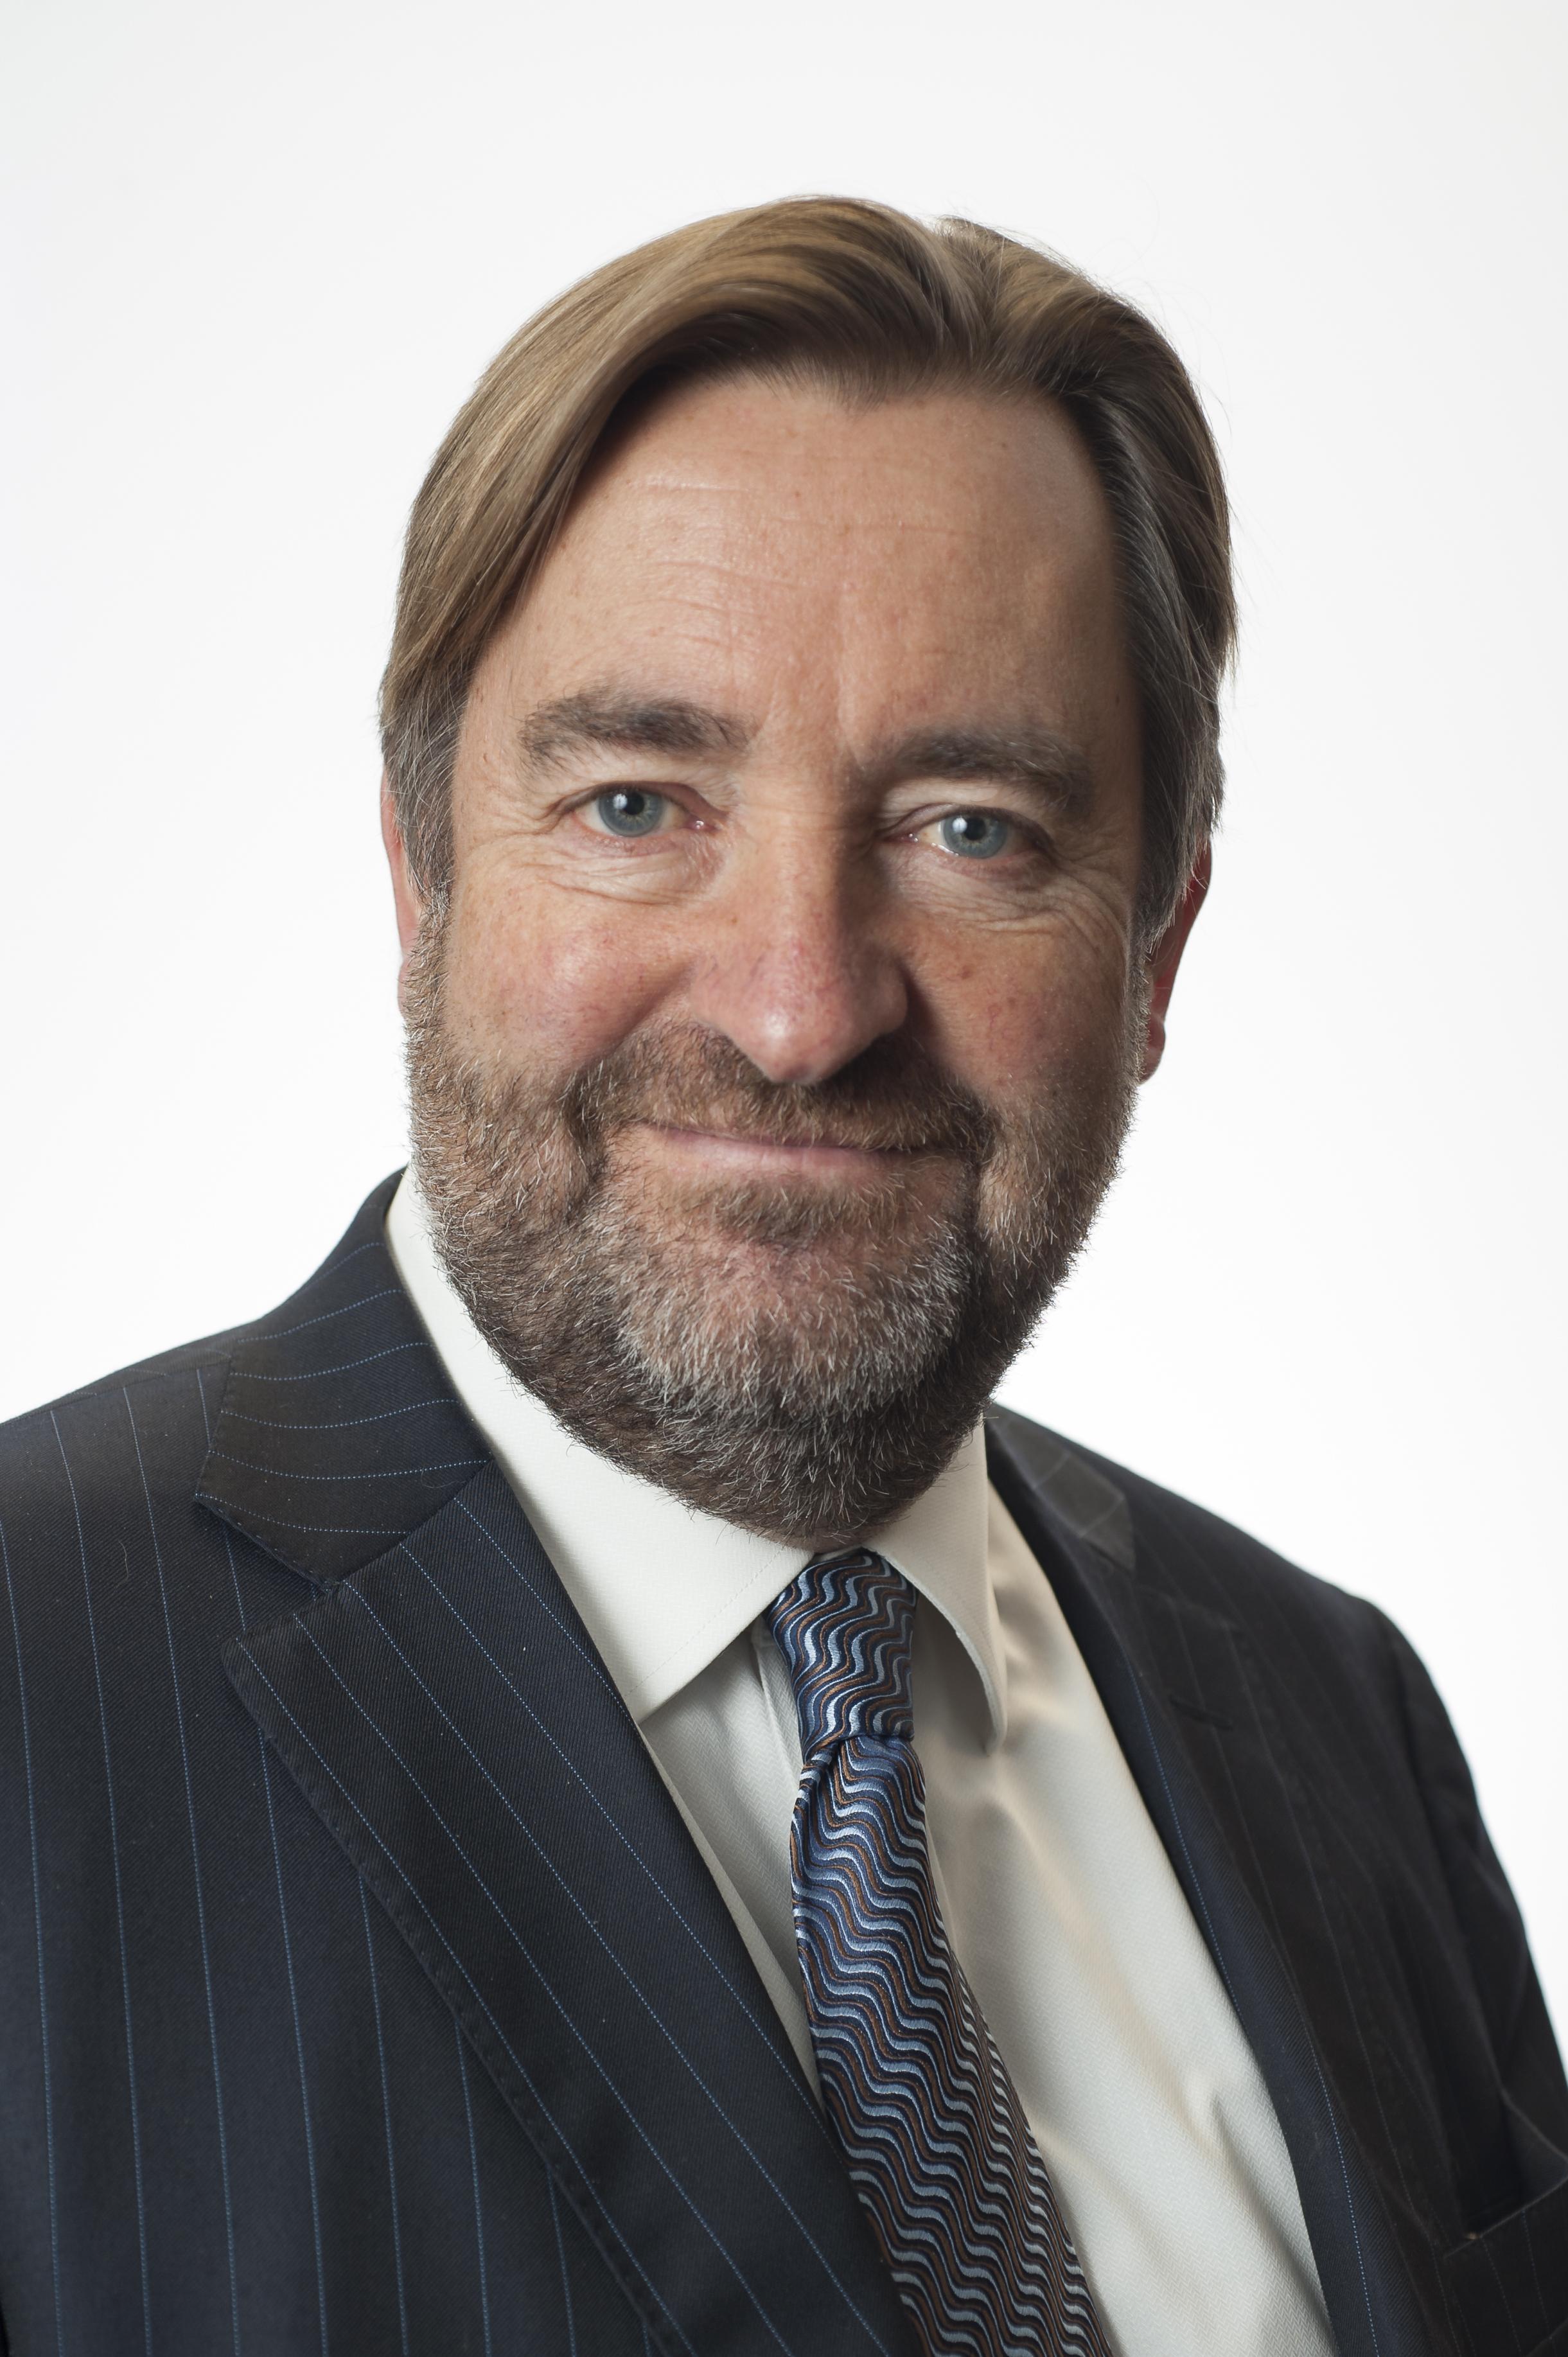 Jim Stewart Dorset LEP